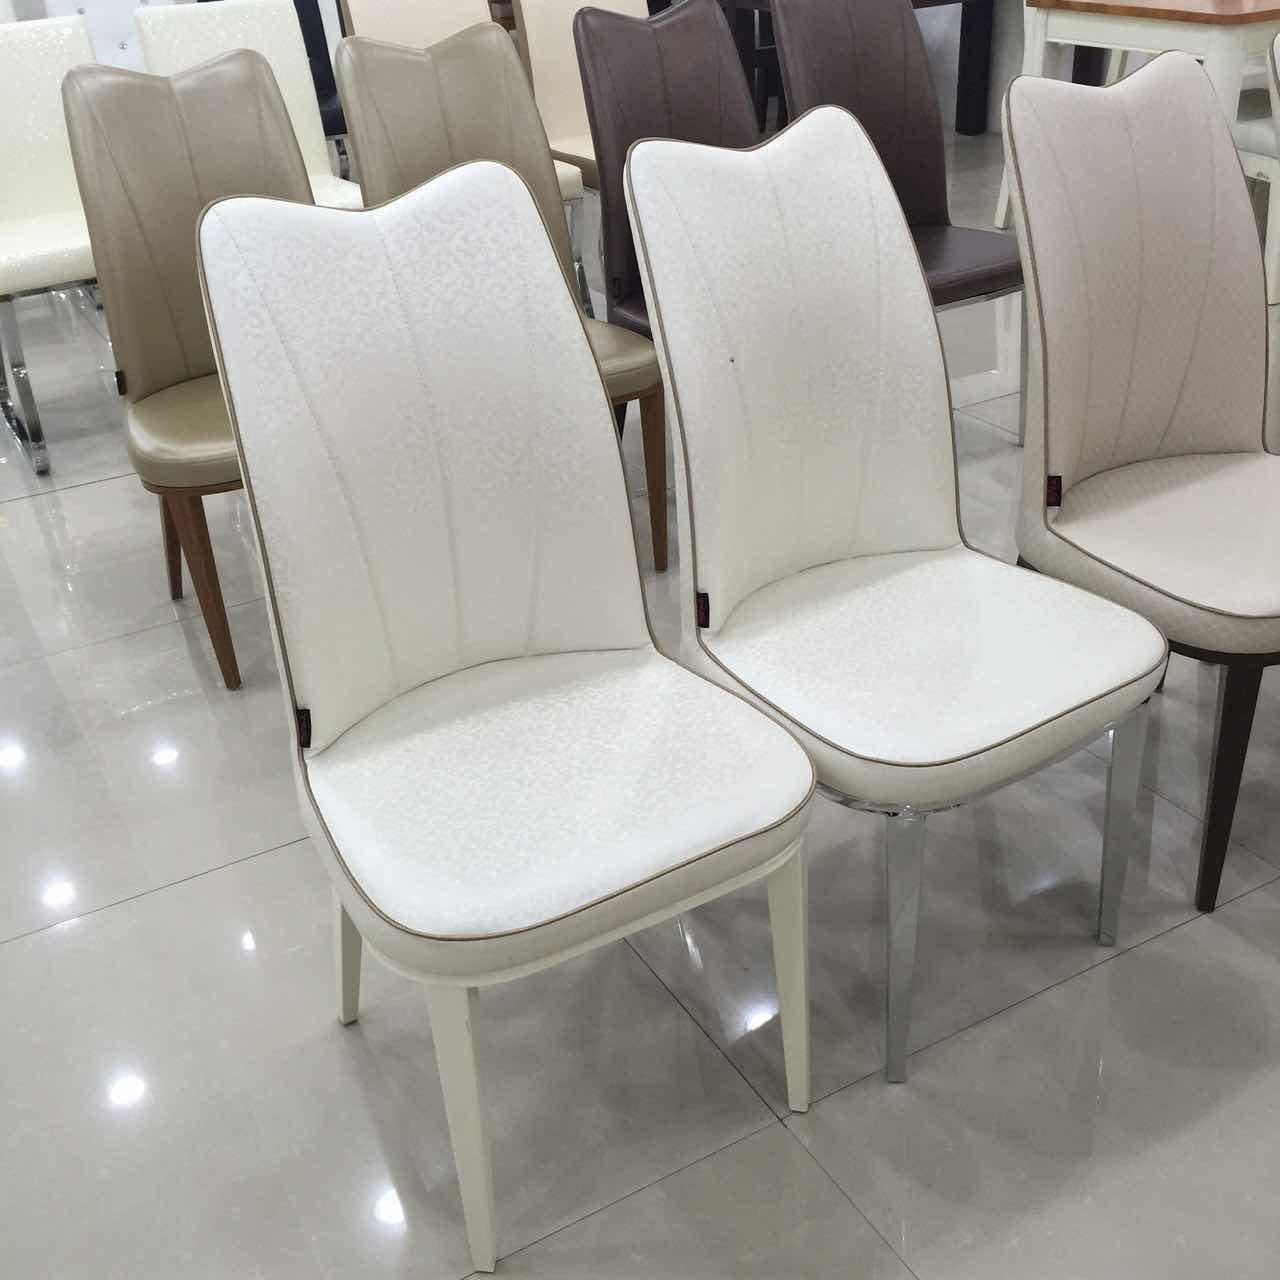 霏睿餐椅简约现代欧式白色椅子凳子家用北欧餐椅金属新品轻奢创意